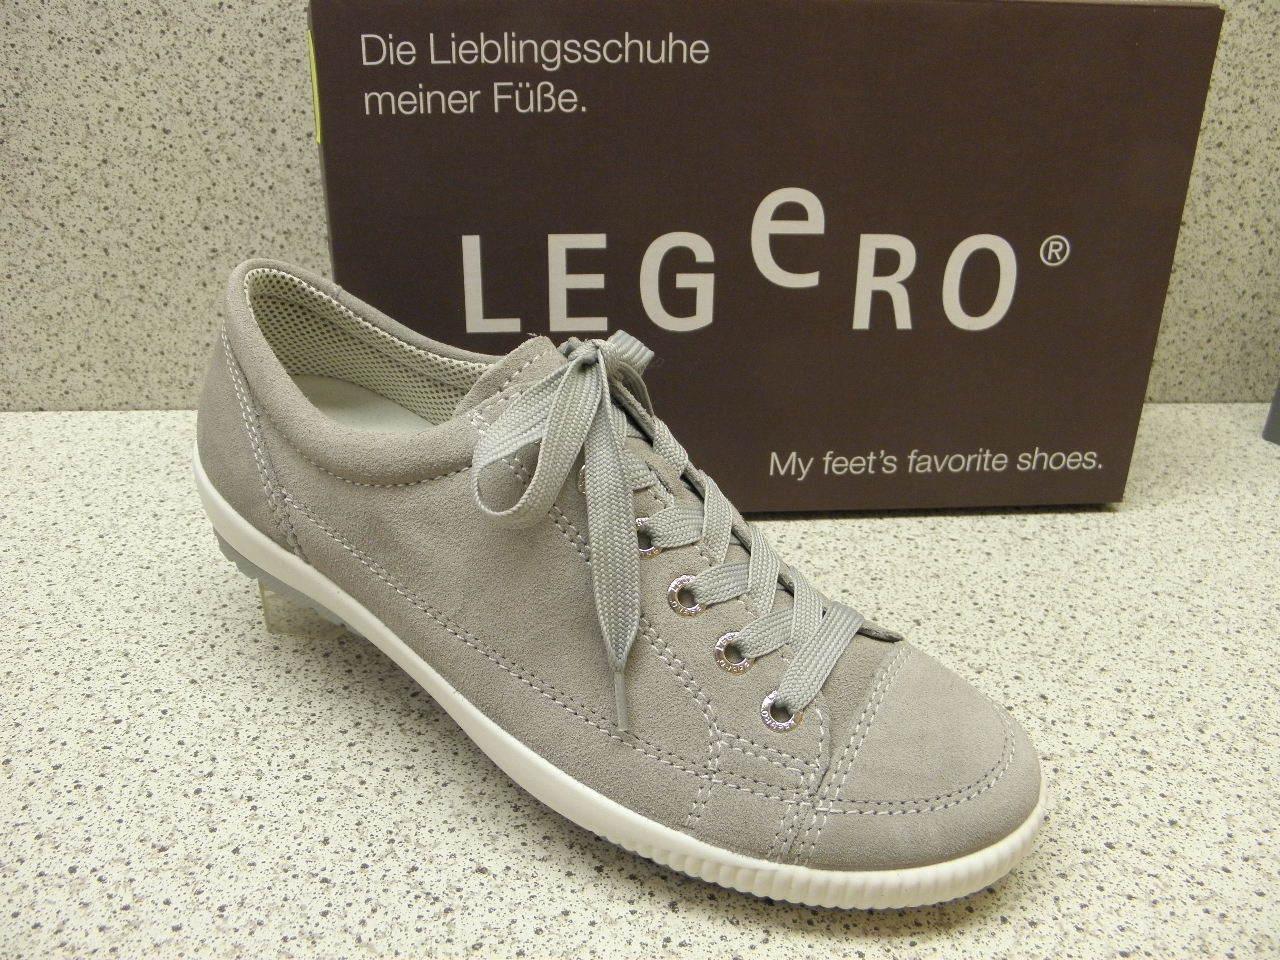 Legero ® ® ® RIDUCE PREZZO TOP NUOVO Schnürschuh PELLE GRIGIO (l12)   Special Compro    Uomo/Donna Scarpa  8064d5